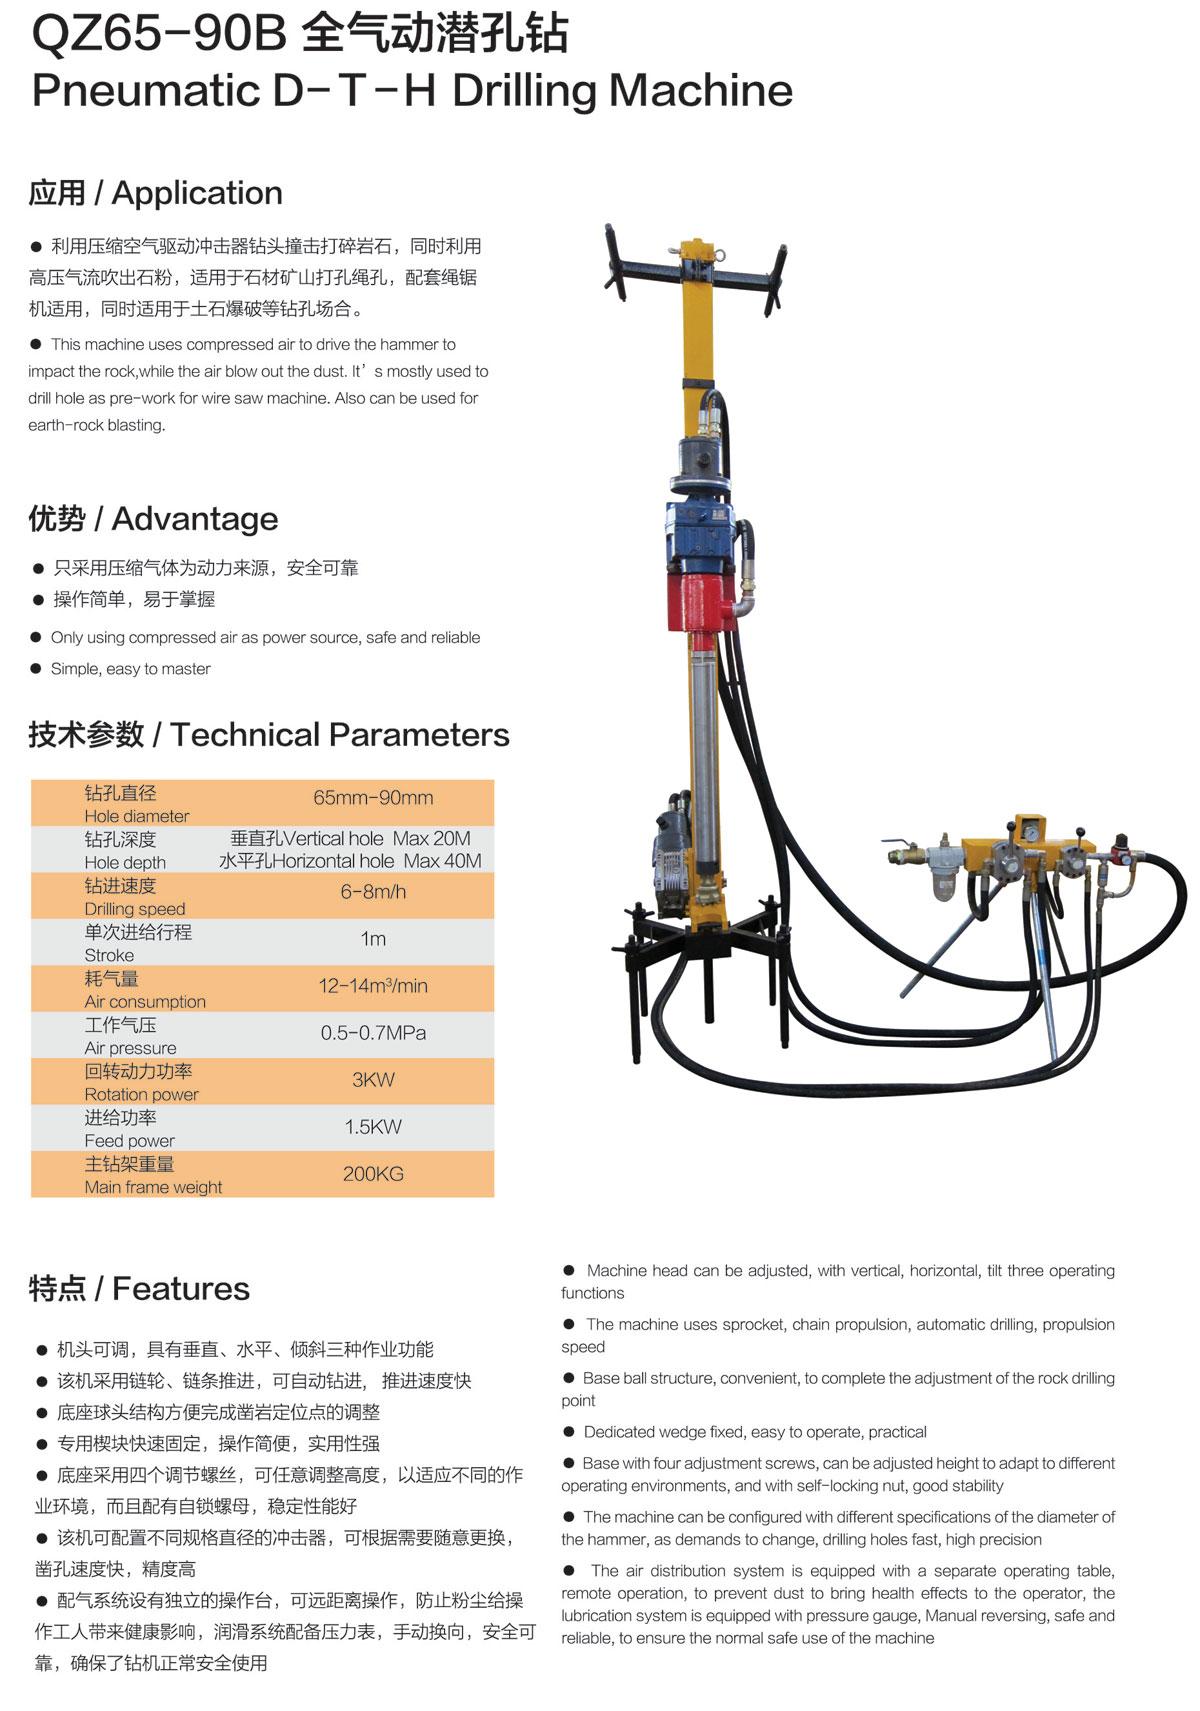 Pneumatic D-T-H Drilling Machine